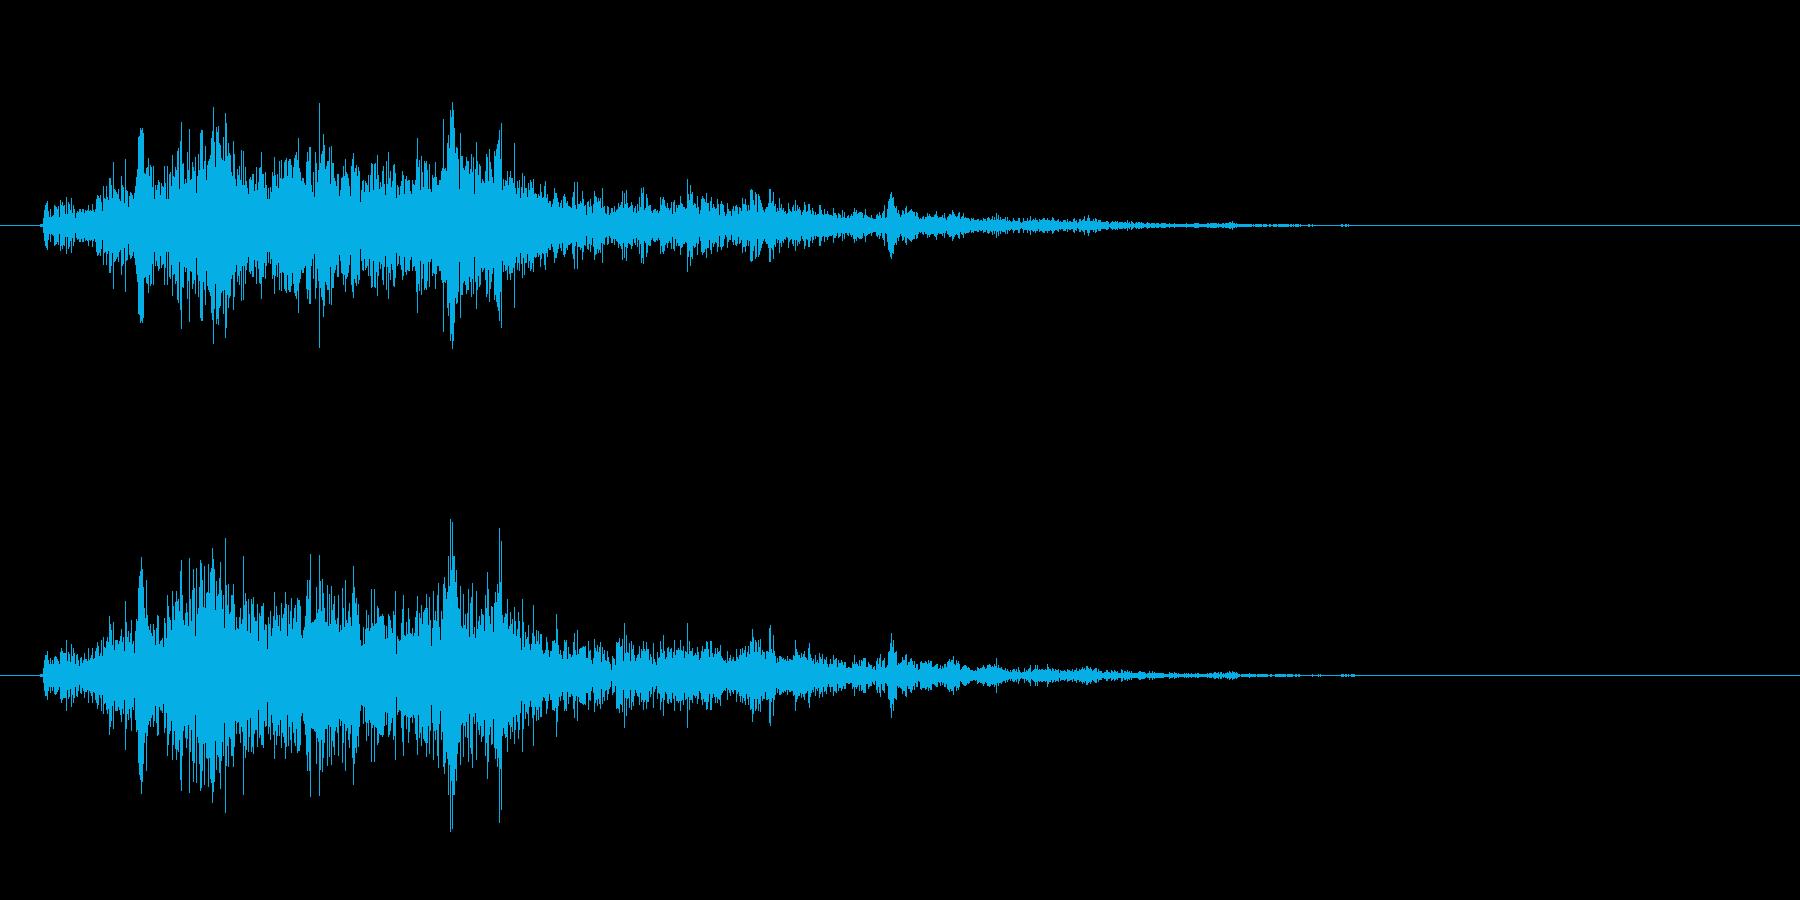 [生録音]ミキサーで混ぜる04-一瞬の再生済みの波形